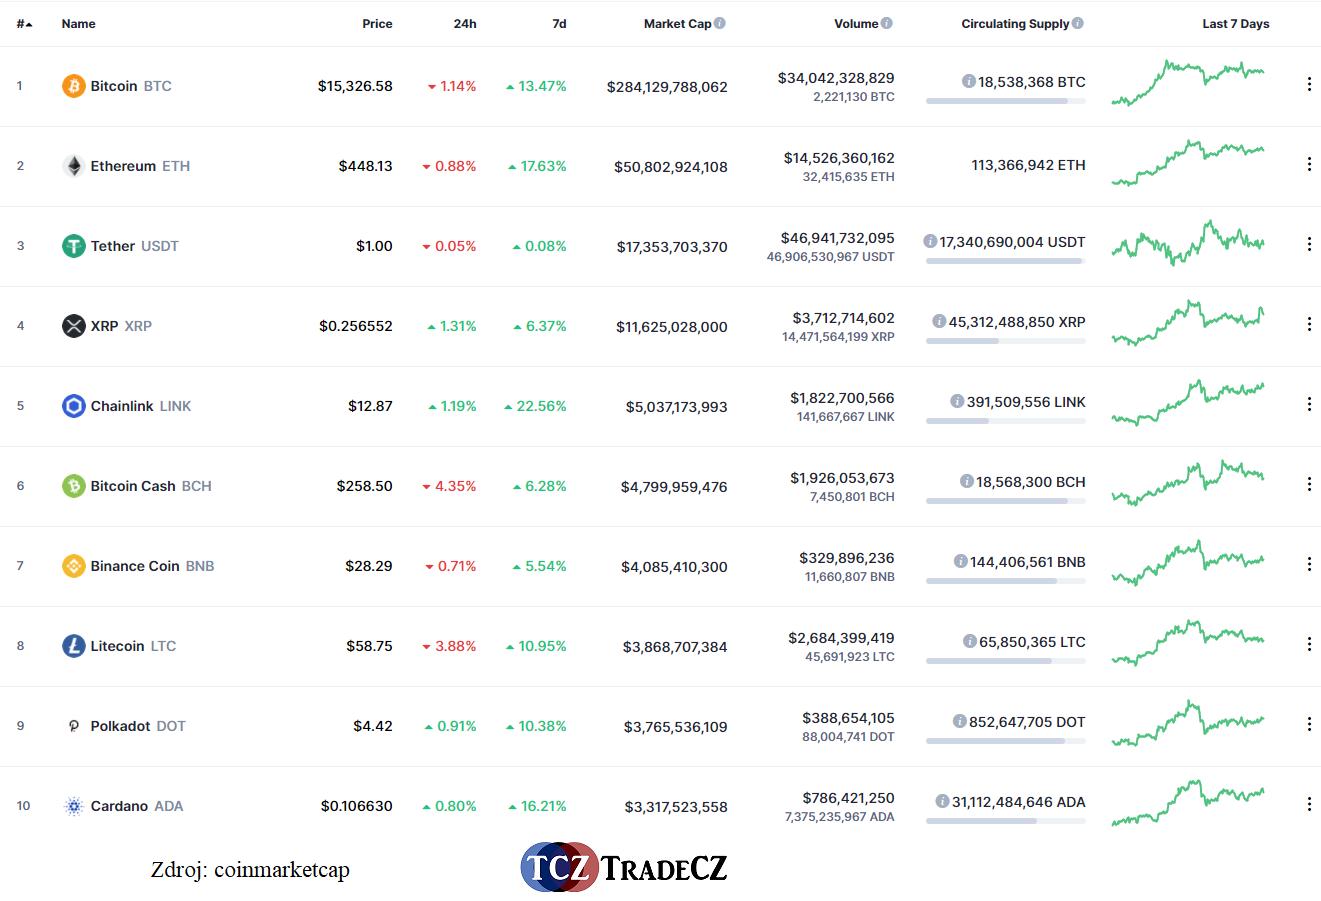 Tržní kapitalizace Litecoin